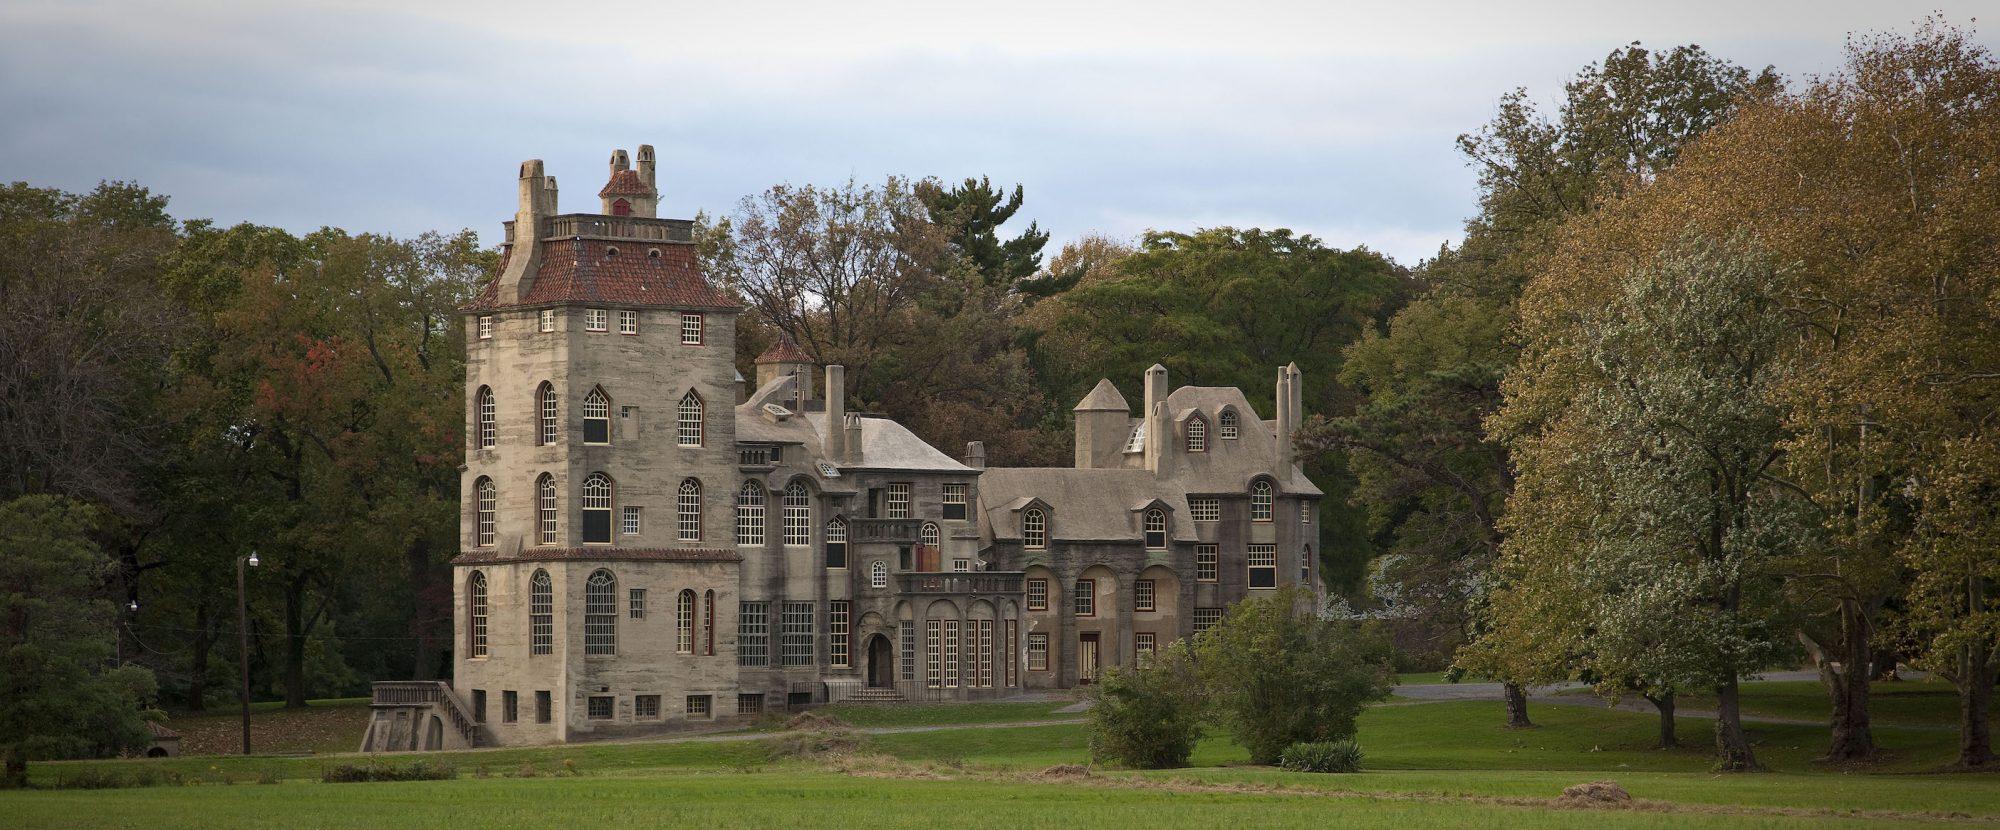 Mercer Museum & Fonthill Castle -